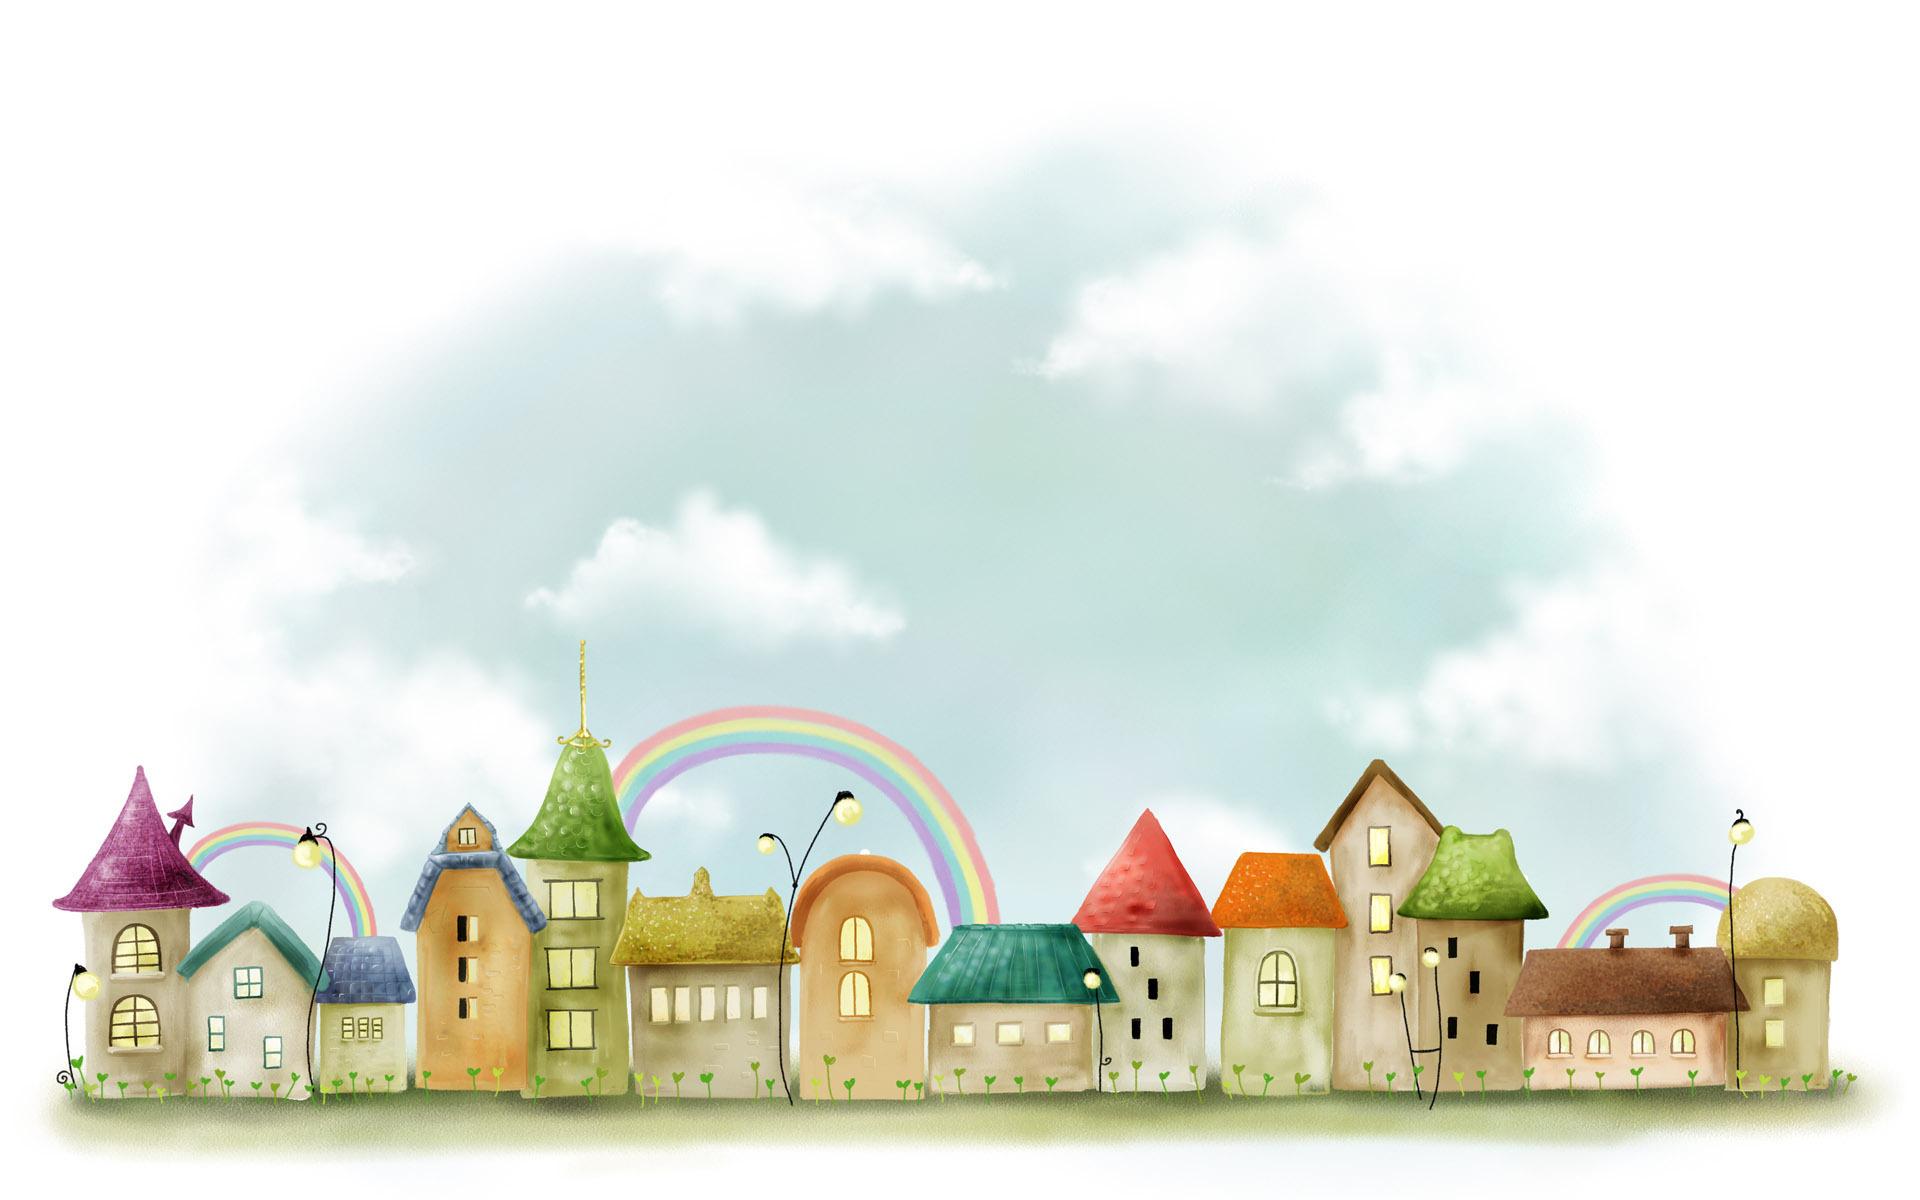 Город картинки для детей на прозрачном фоне